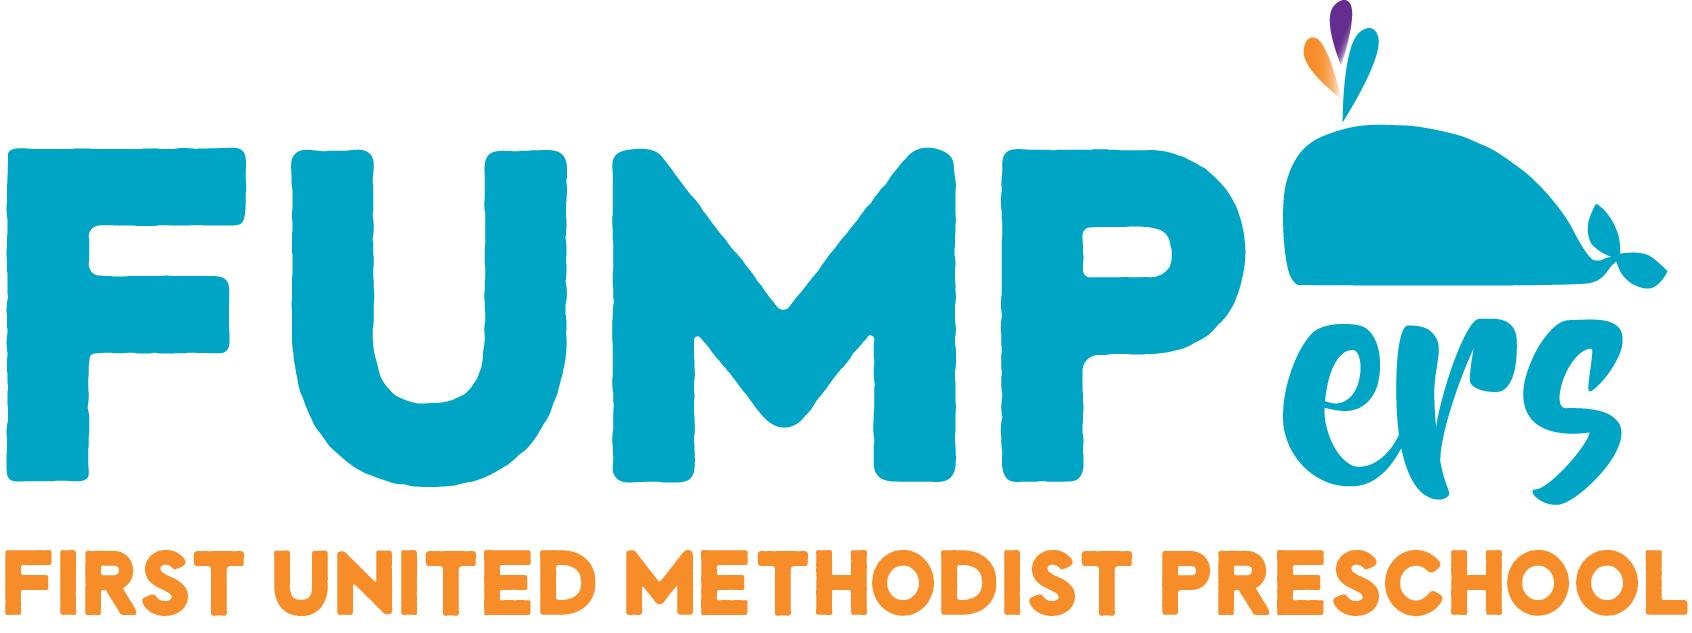 Full Color Main Logo.png